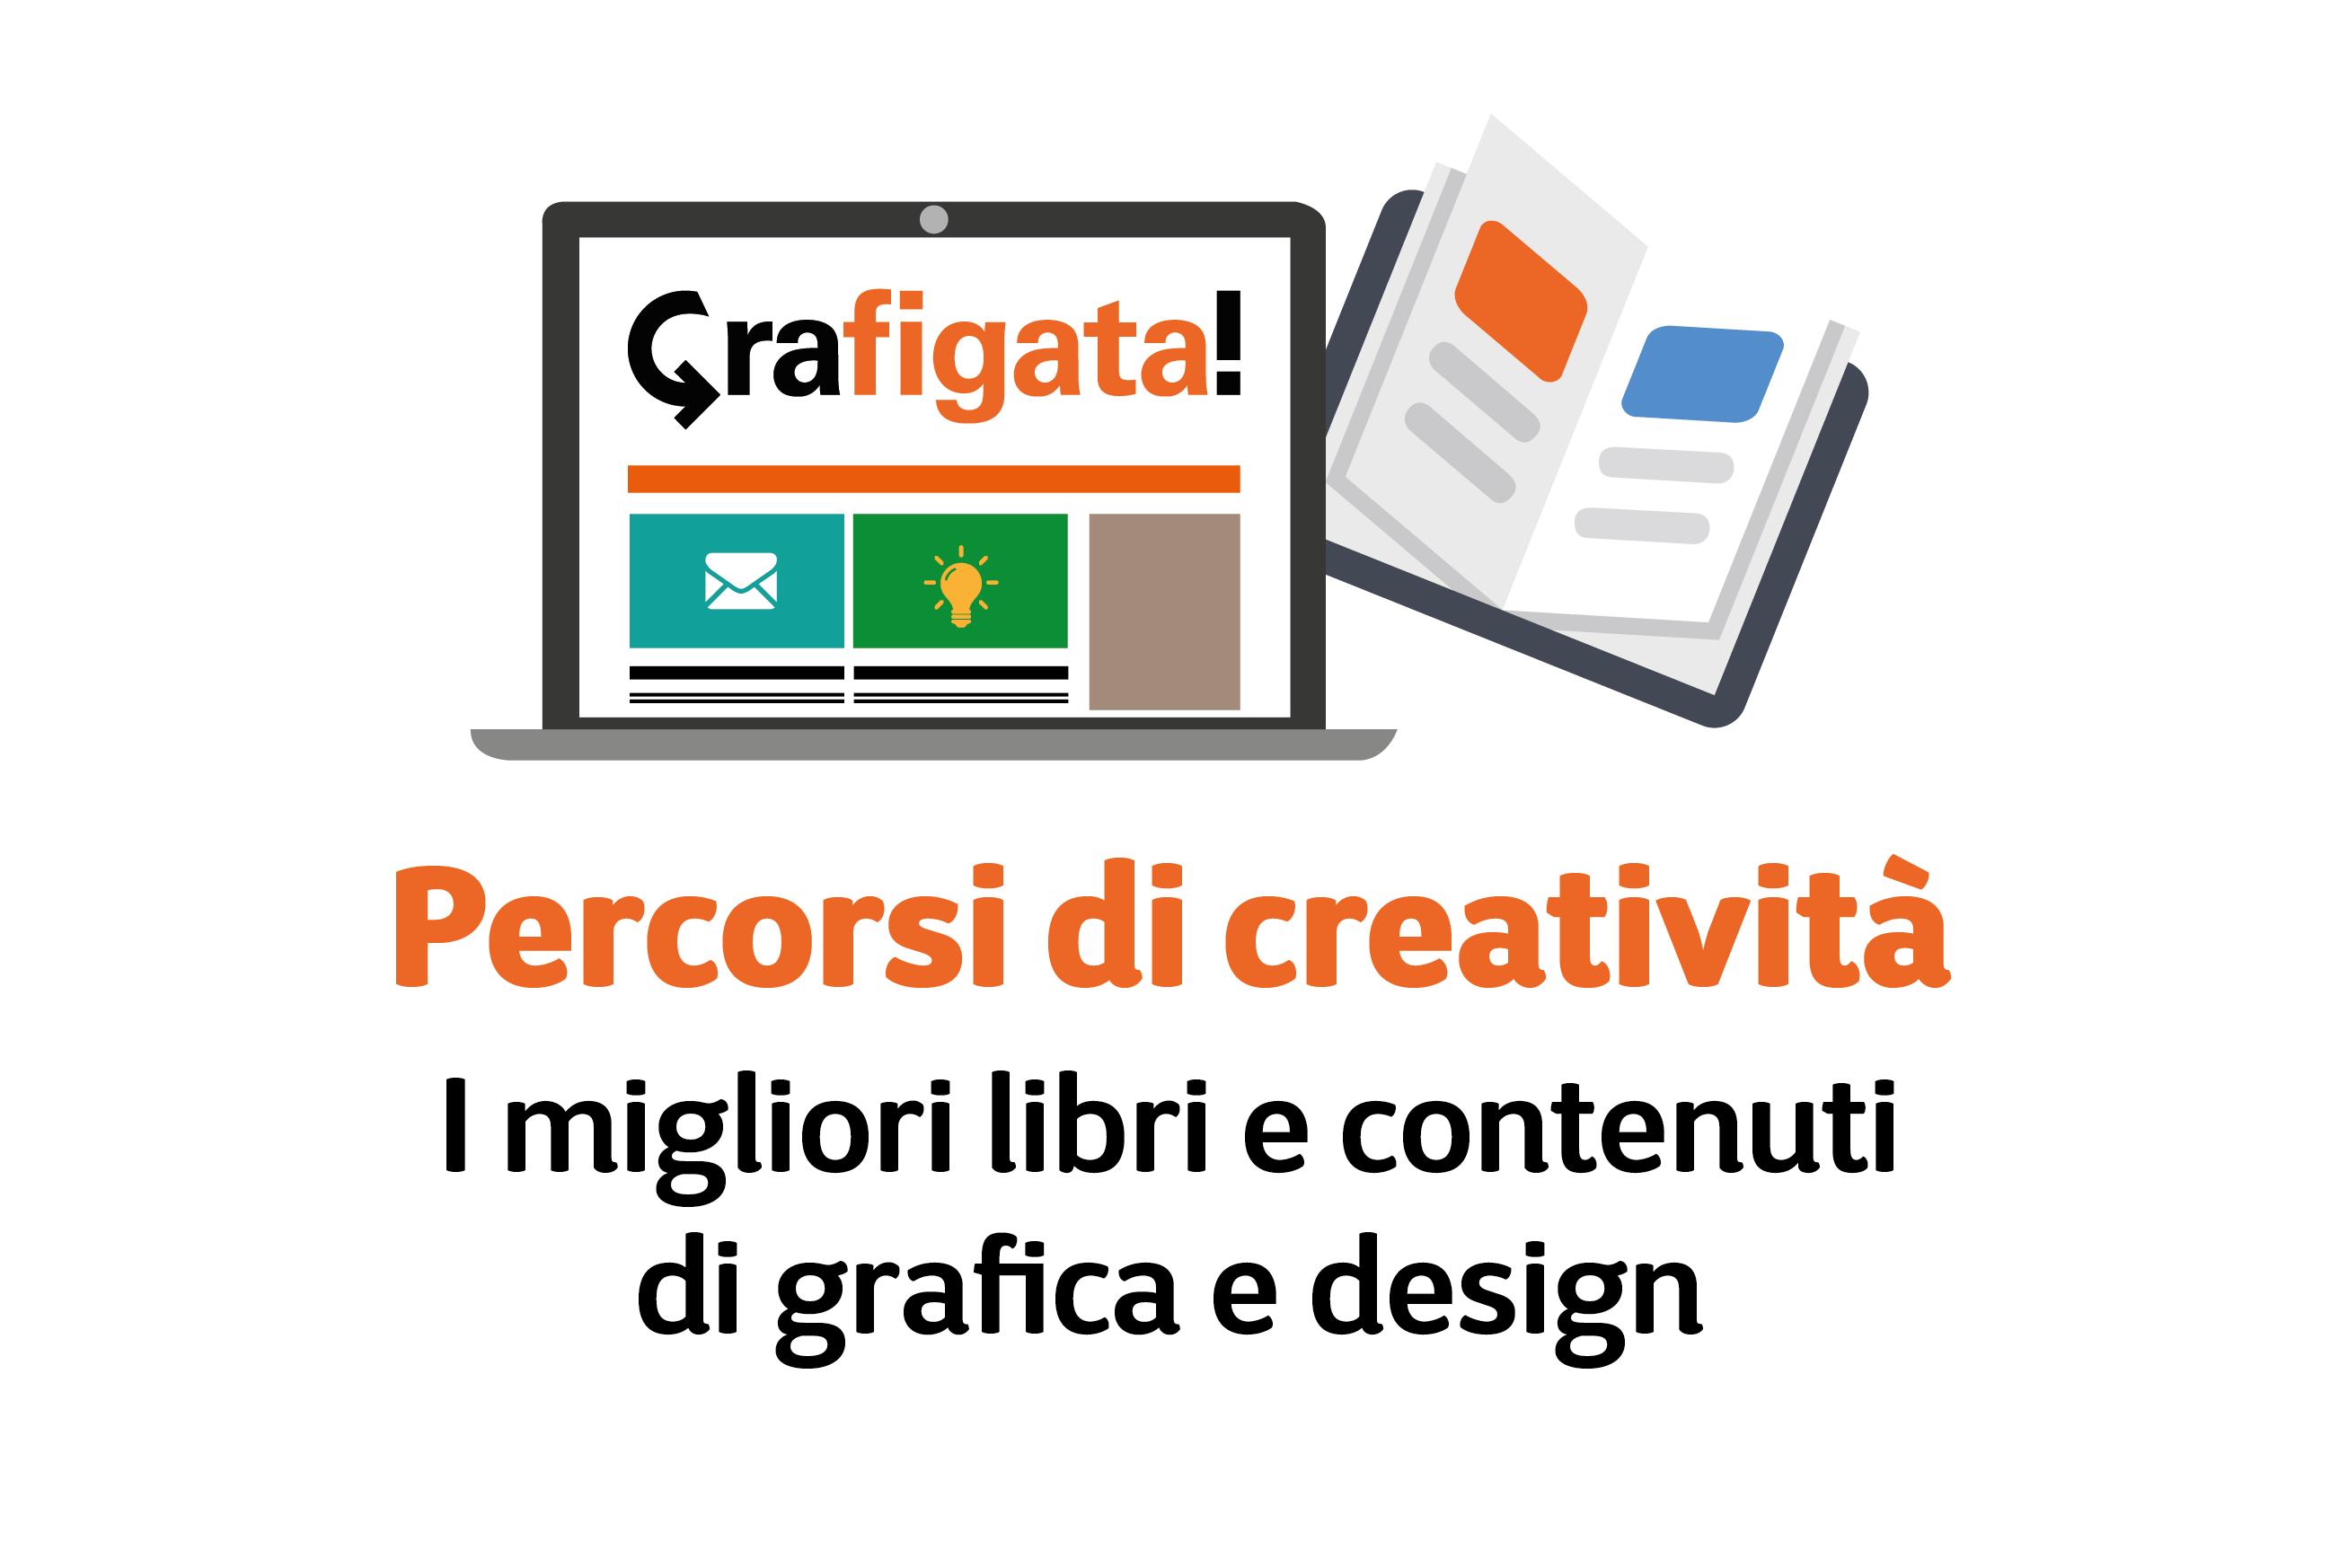 Percorsi di Creatività Libri di grafica e design